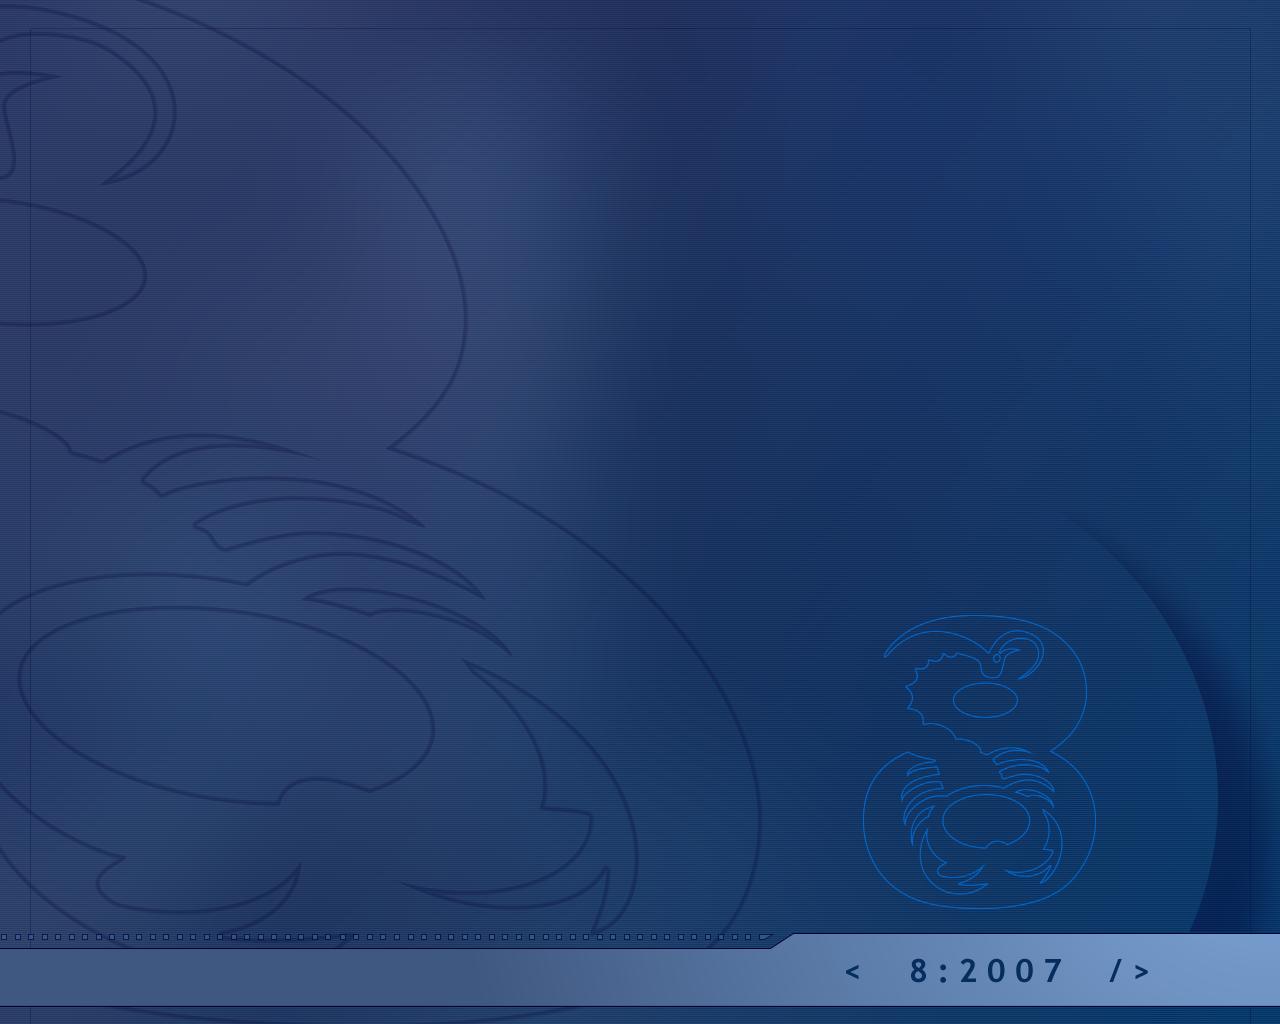 Web Developer Wallpaper 1280x1024